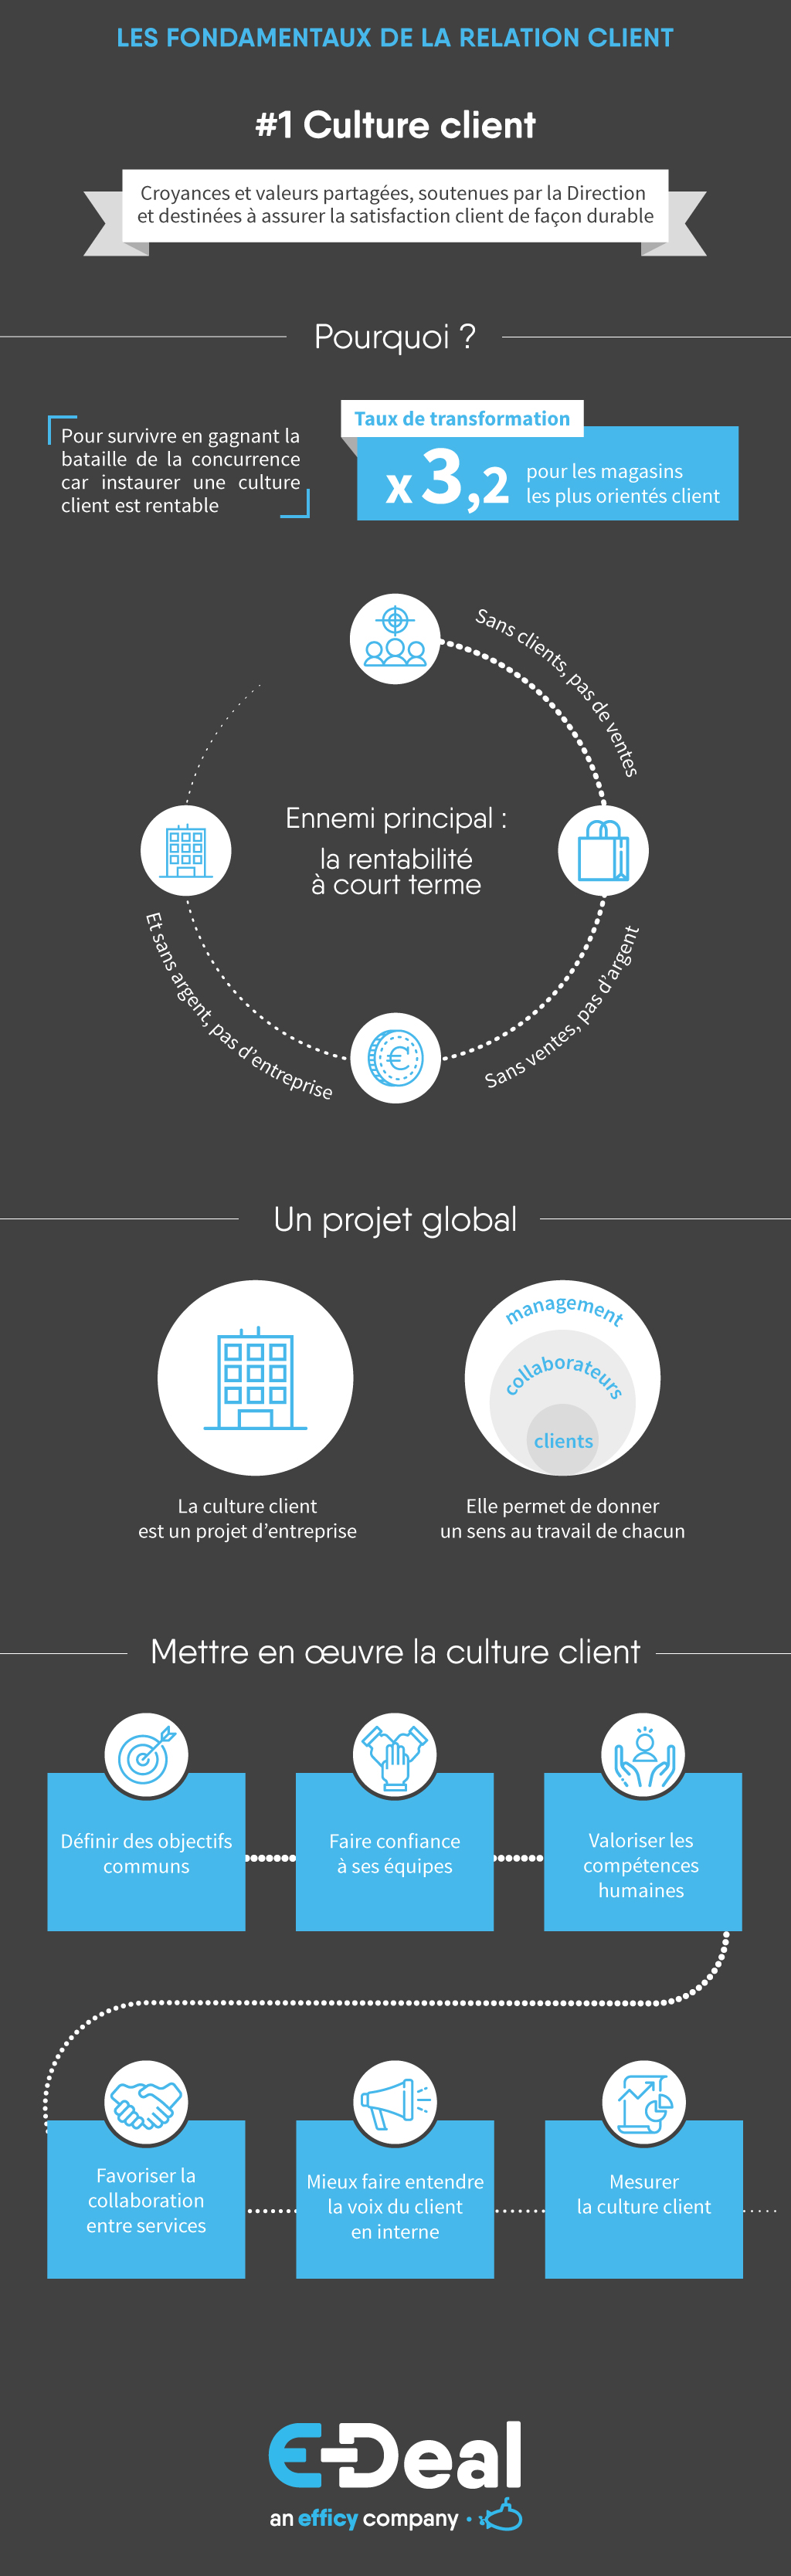 Infographie_E-Deal_CultureClient_RelationClient